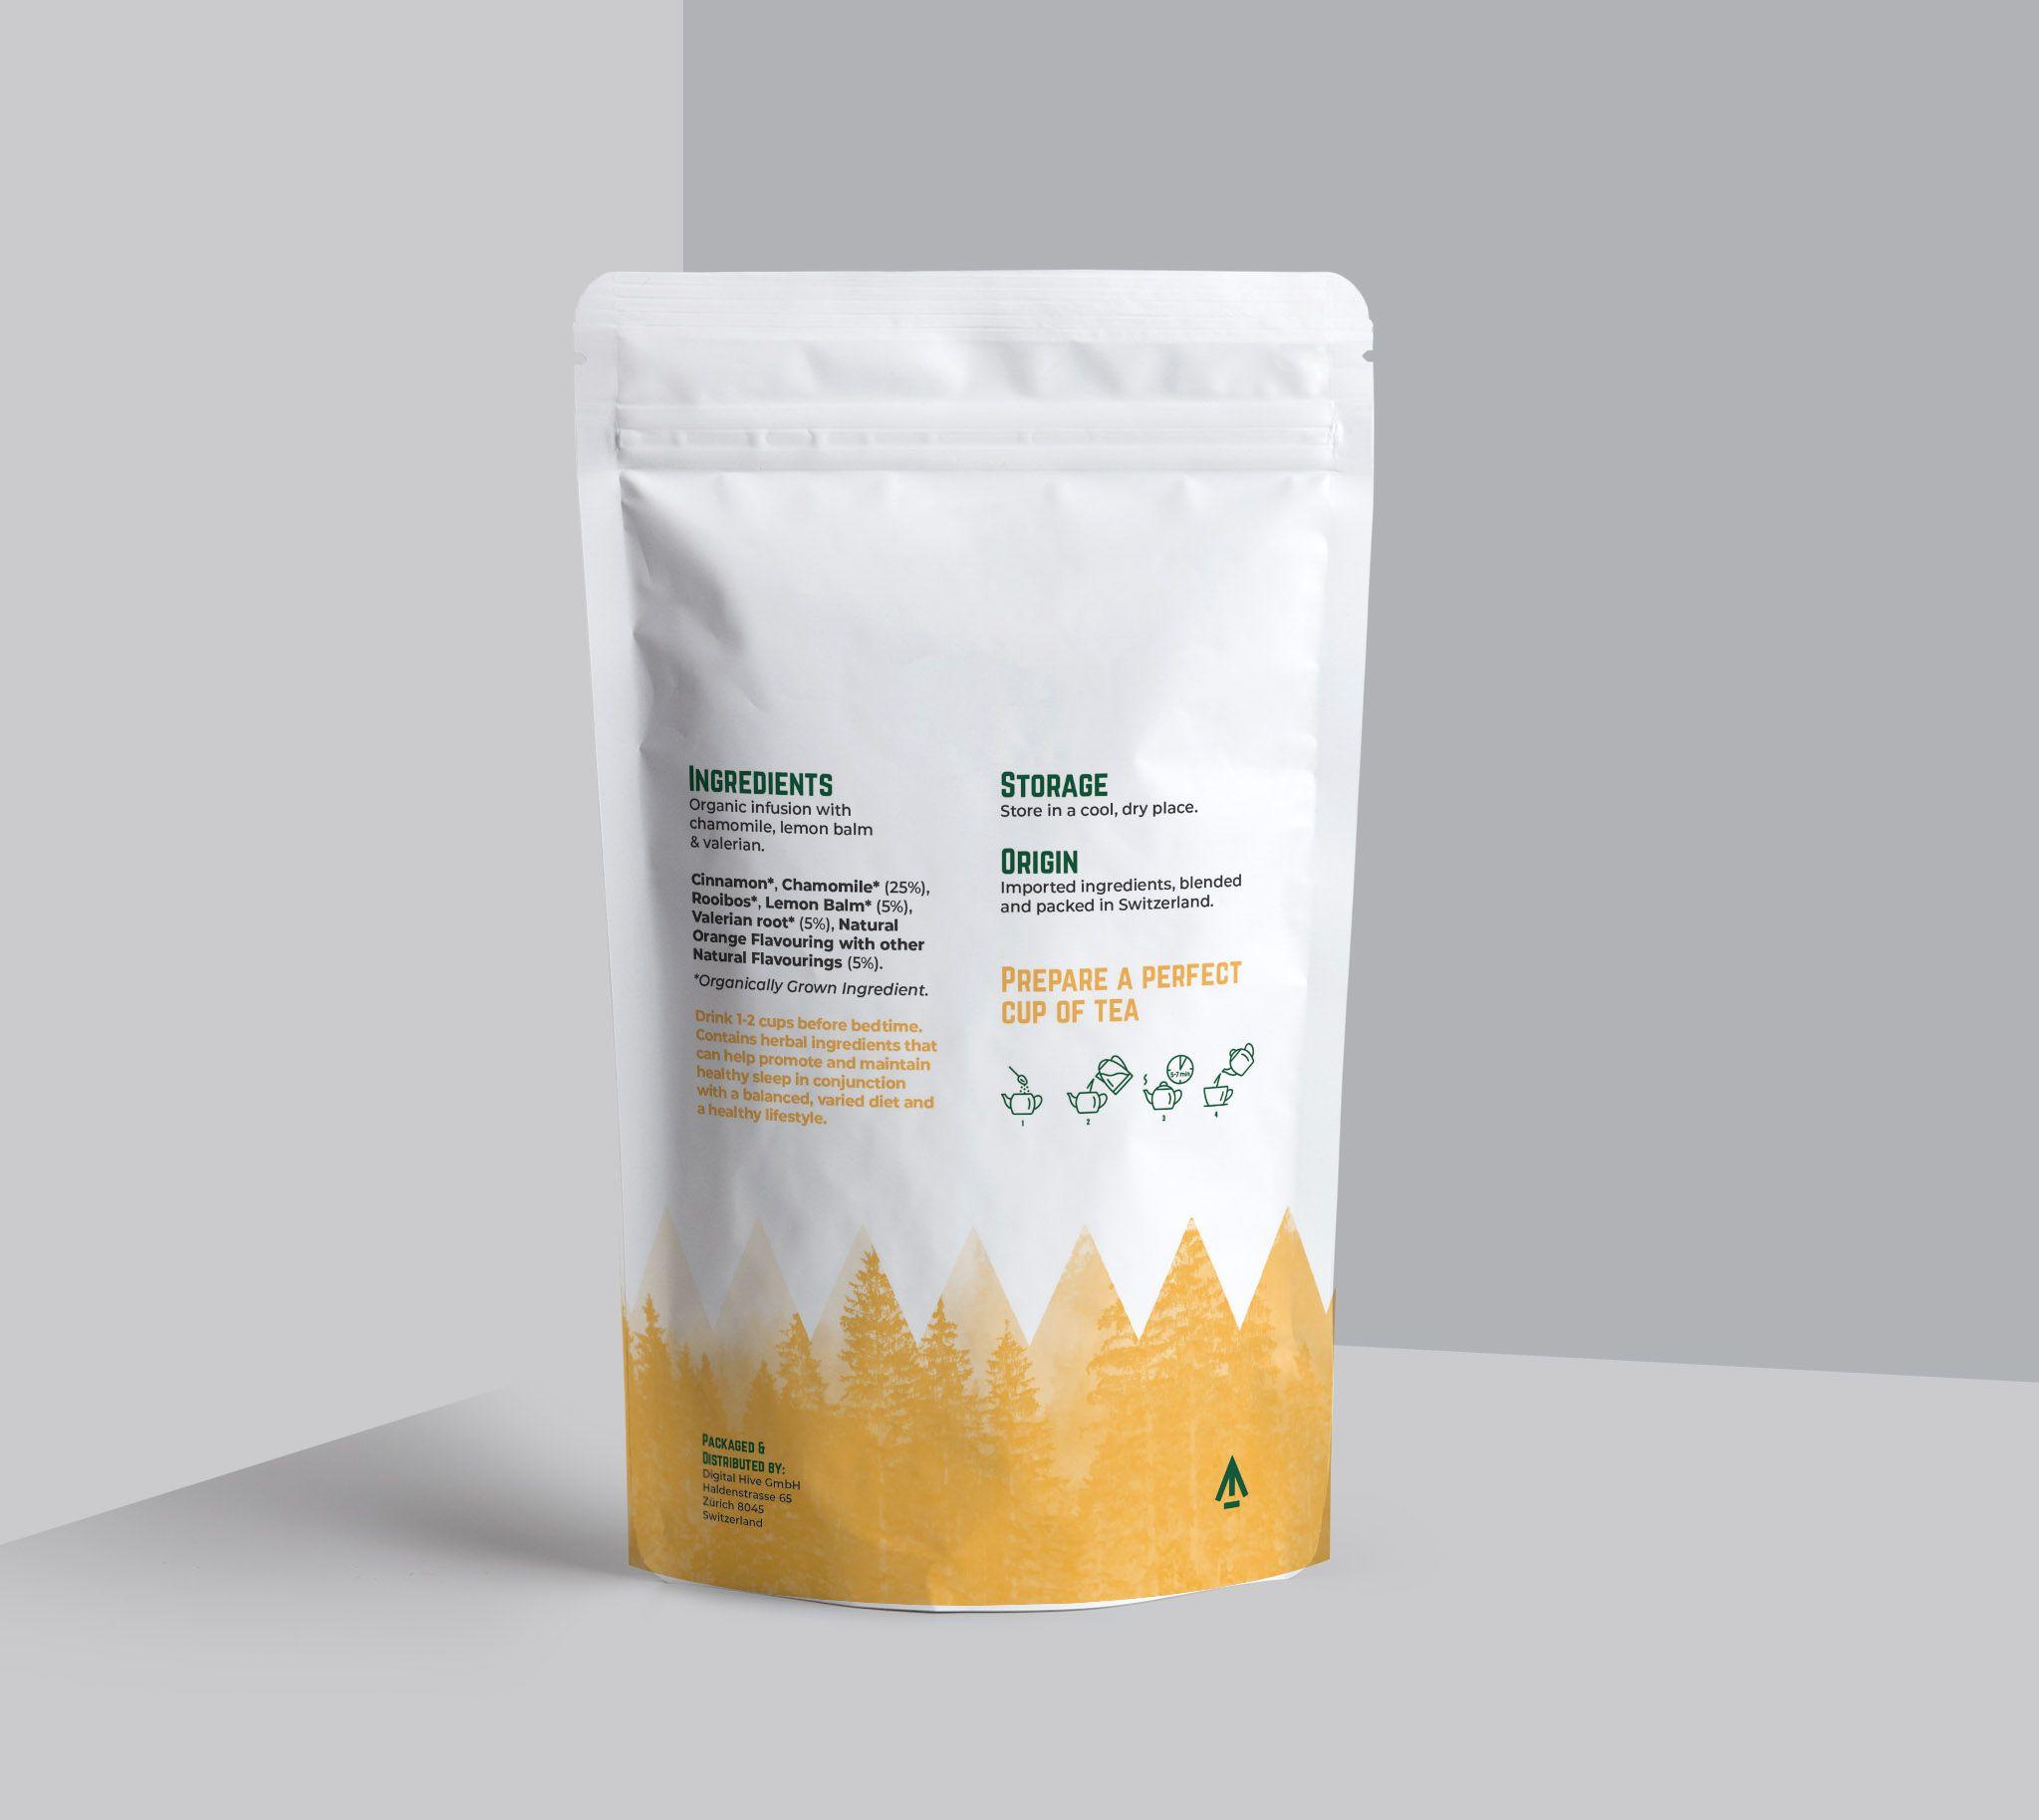 alpine tea packaging